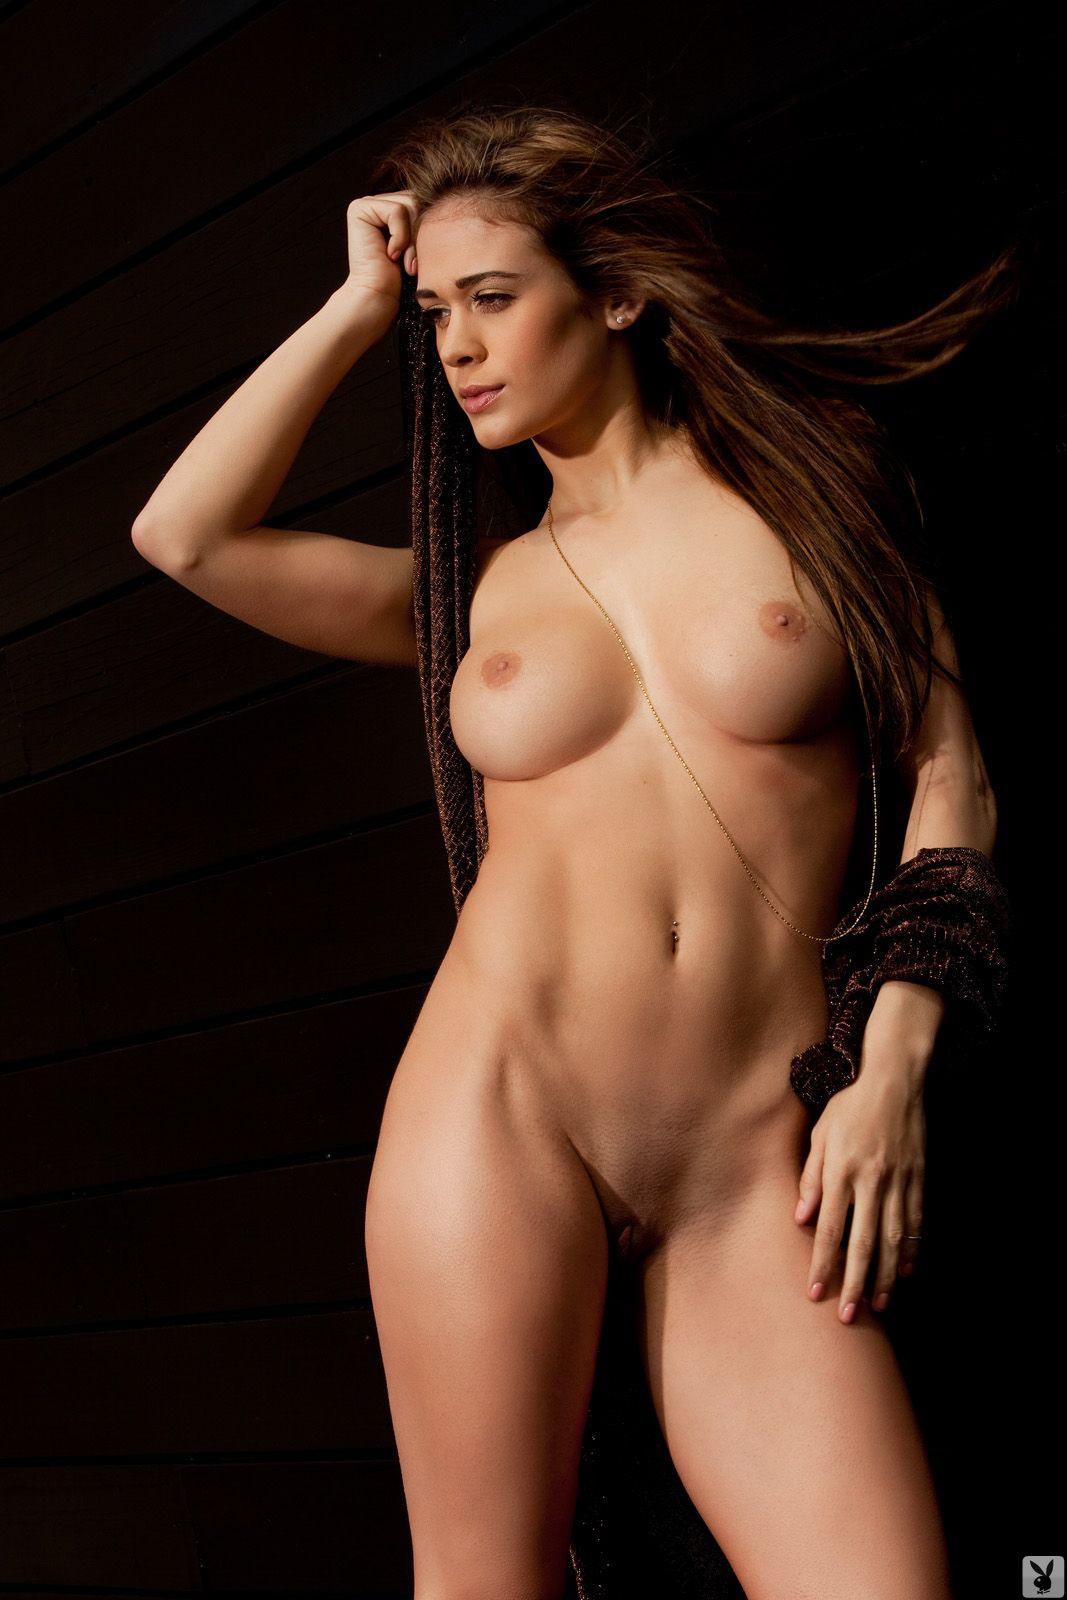 lauren elise nude